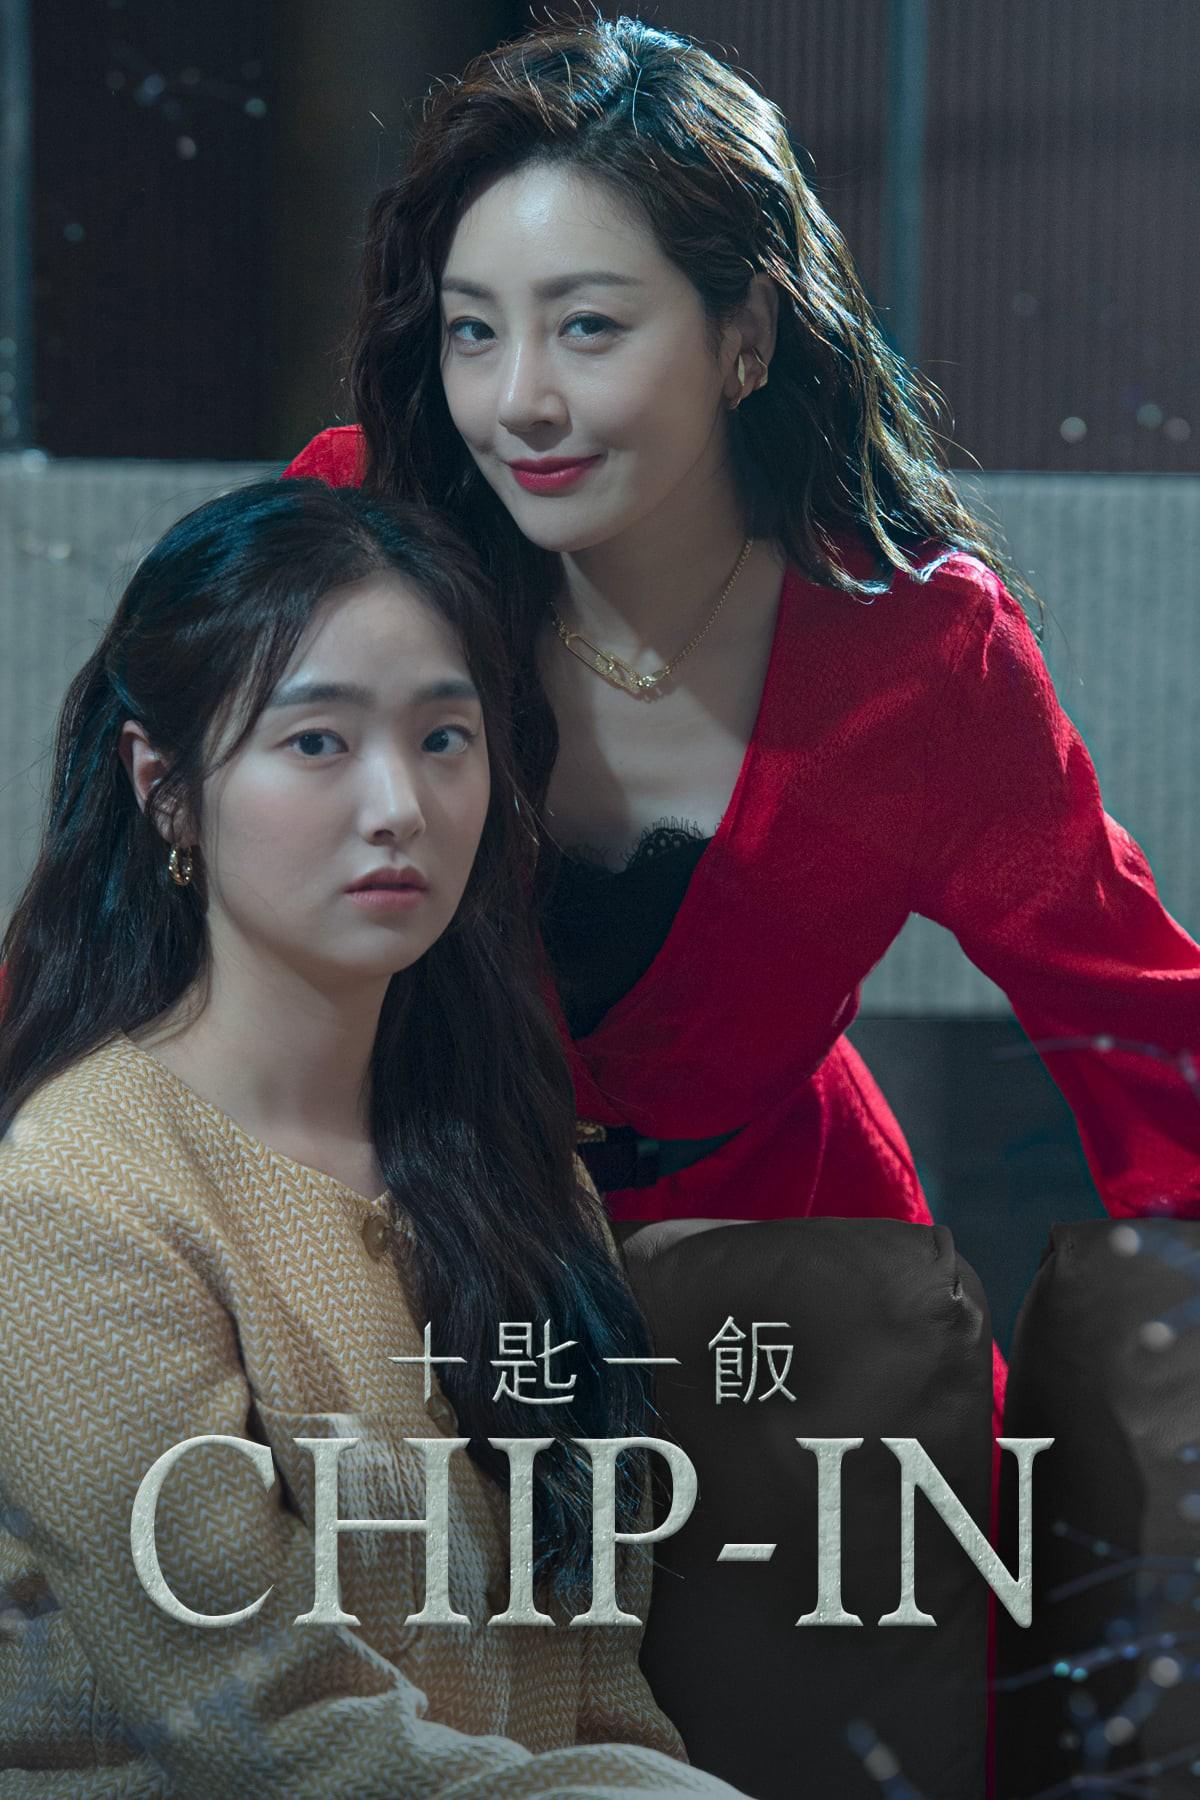 Oh Na Ra (váy đỏ) tiếp tục gây ấn tượng trong một phim tâm lý xã hội, sau Sky Castle.